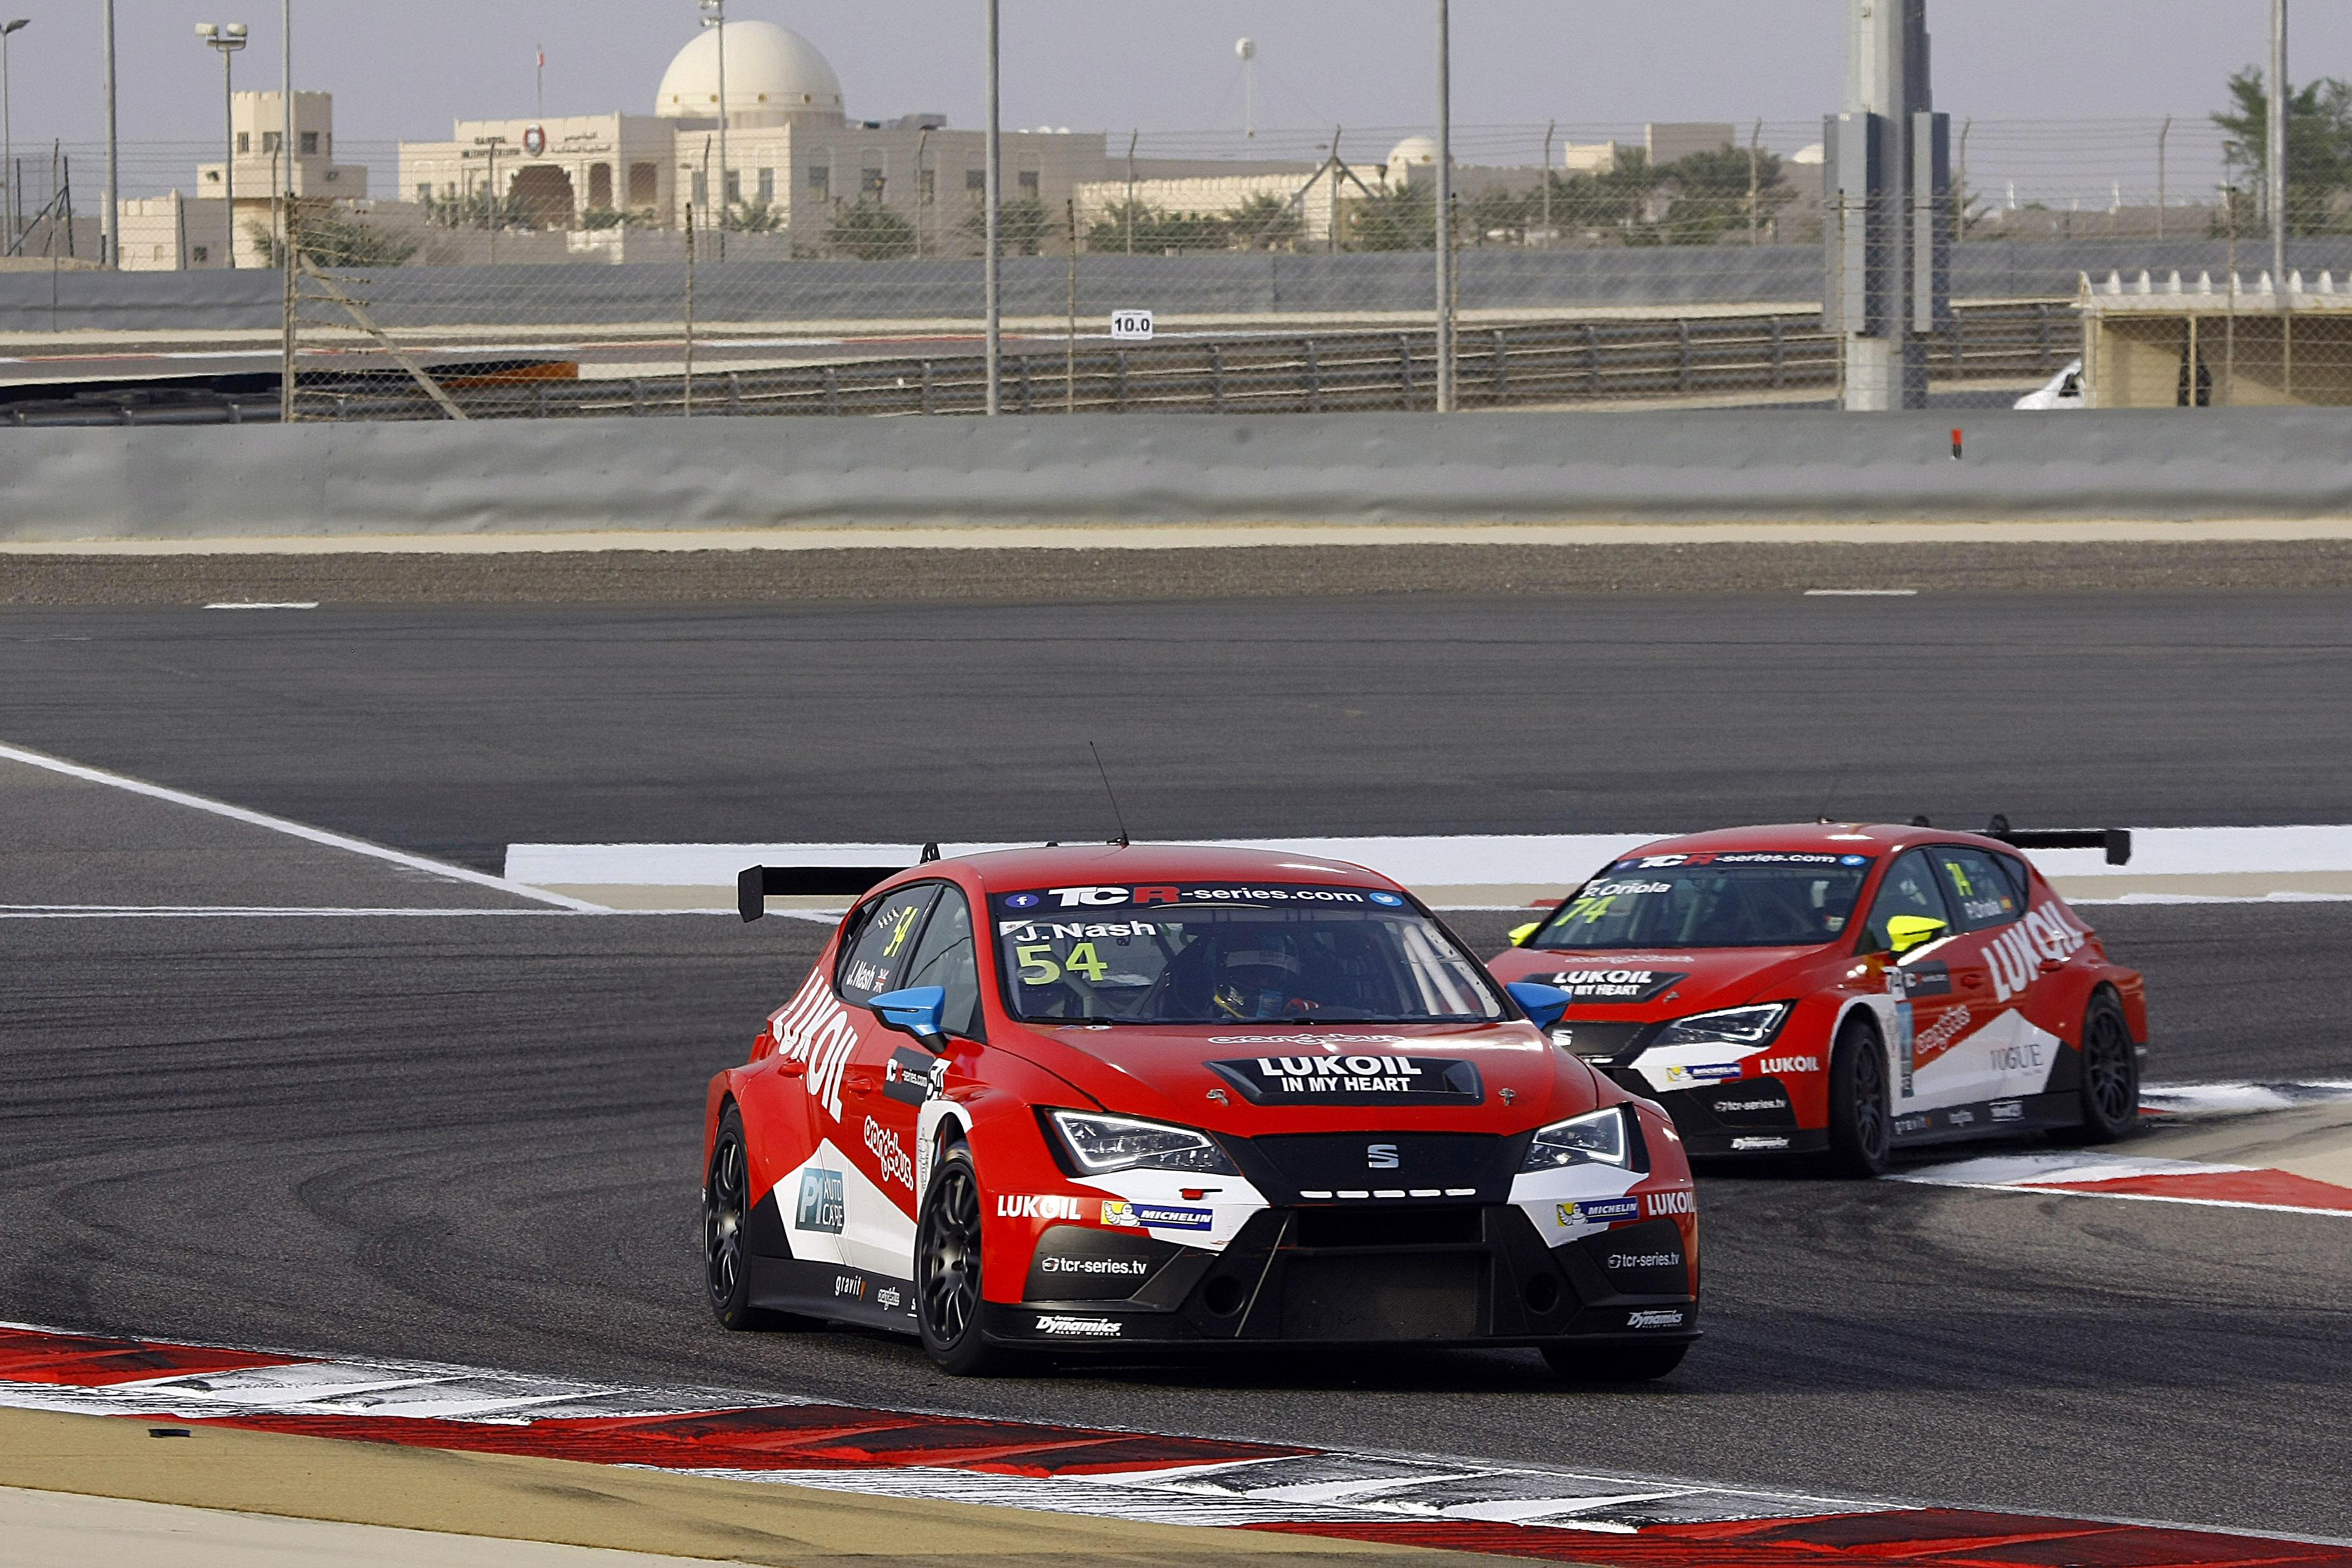 2017-2017_bahrain_race_1---54_james_nash_101.jpg